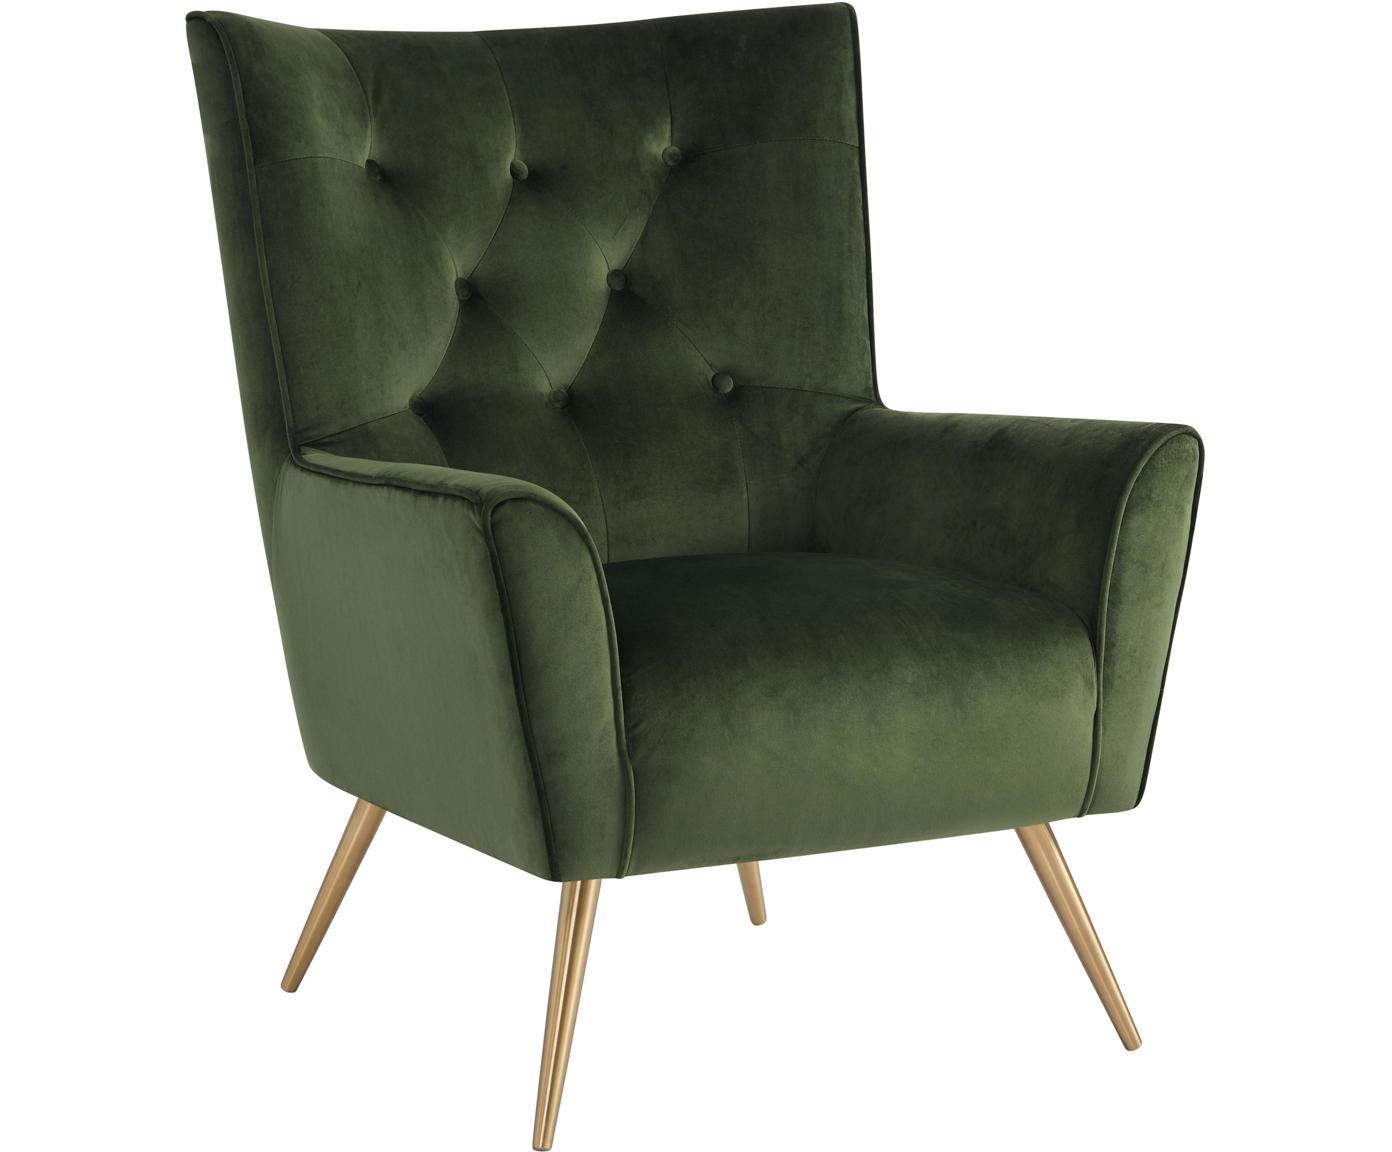 Fluwelen fauteuil Bodiva, Polyester fluweel, metaal, Woudgroen, messingkleurig, B 82 x D 88 cm